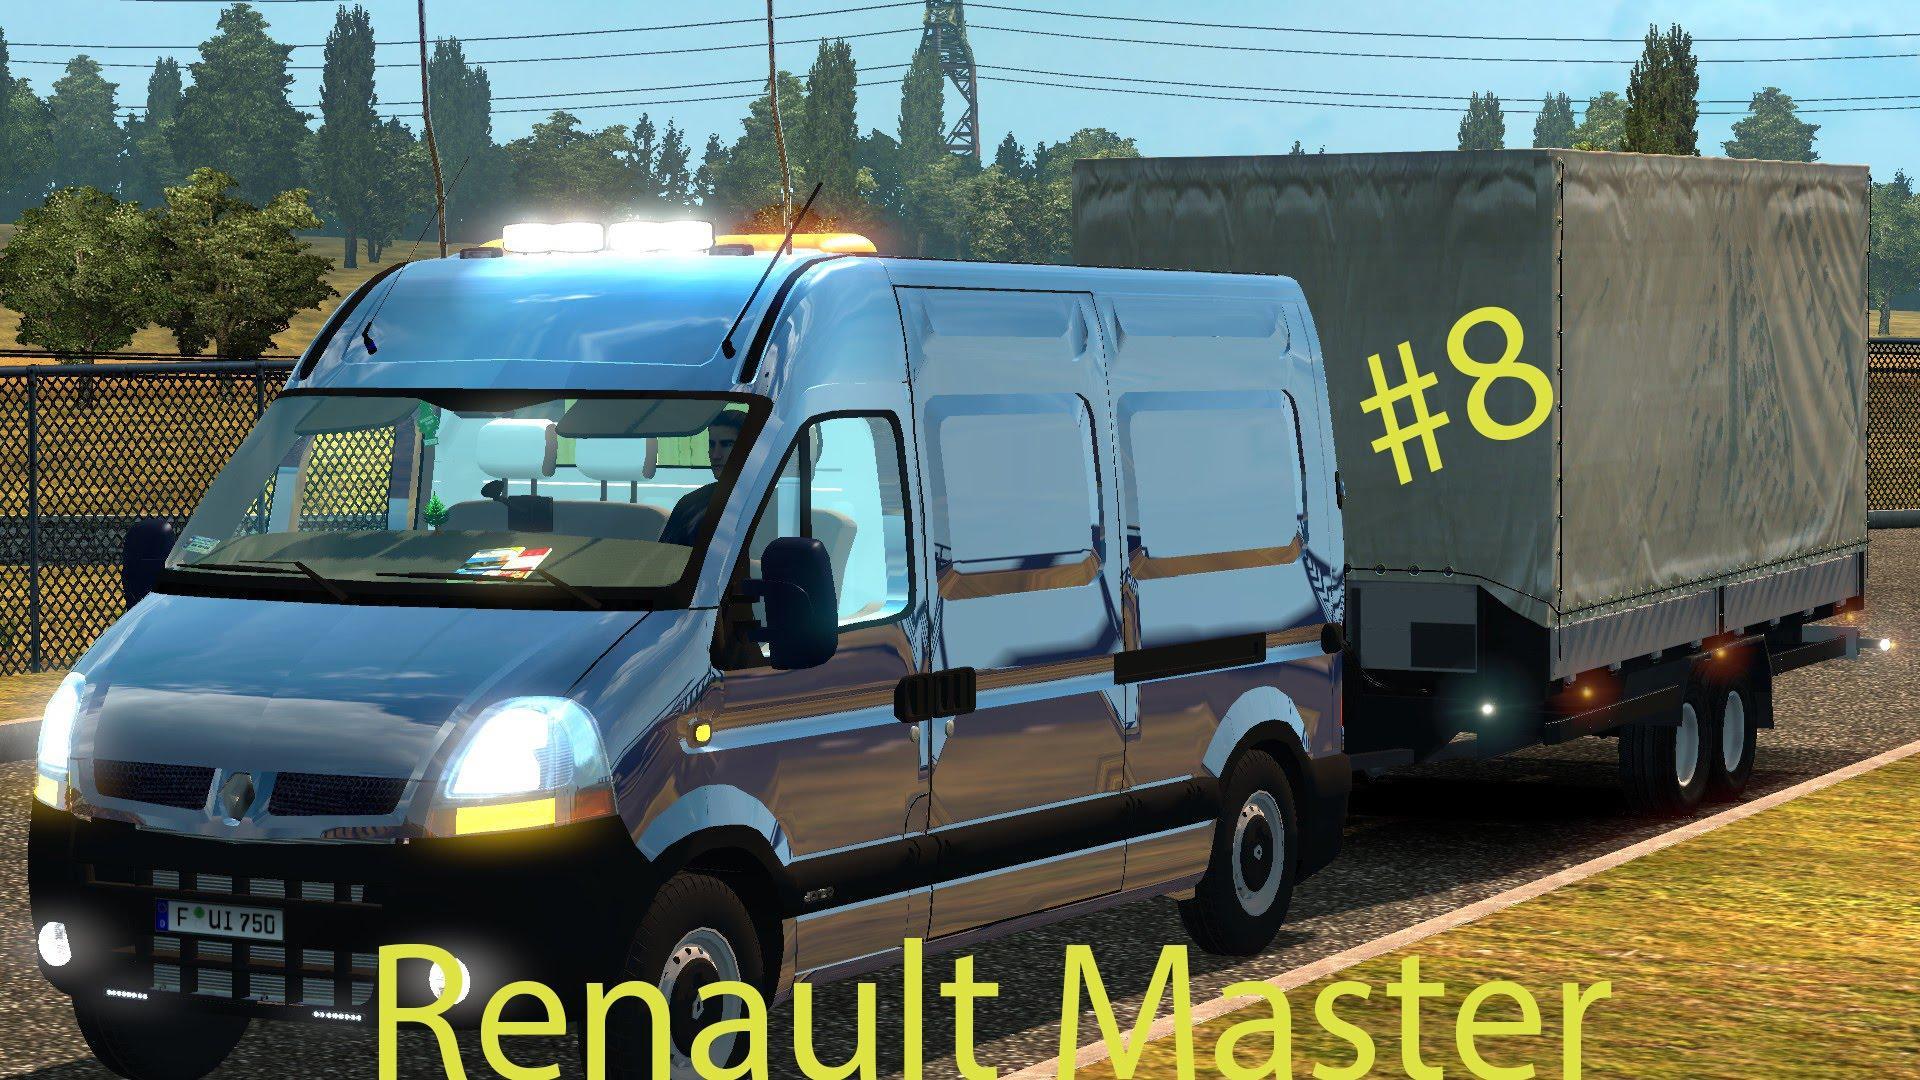 4244-renault-master_1